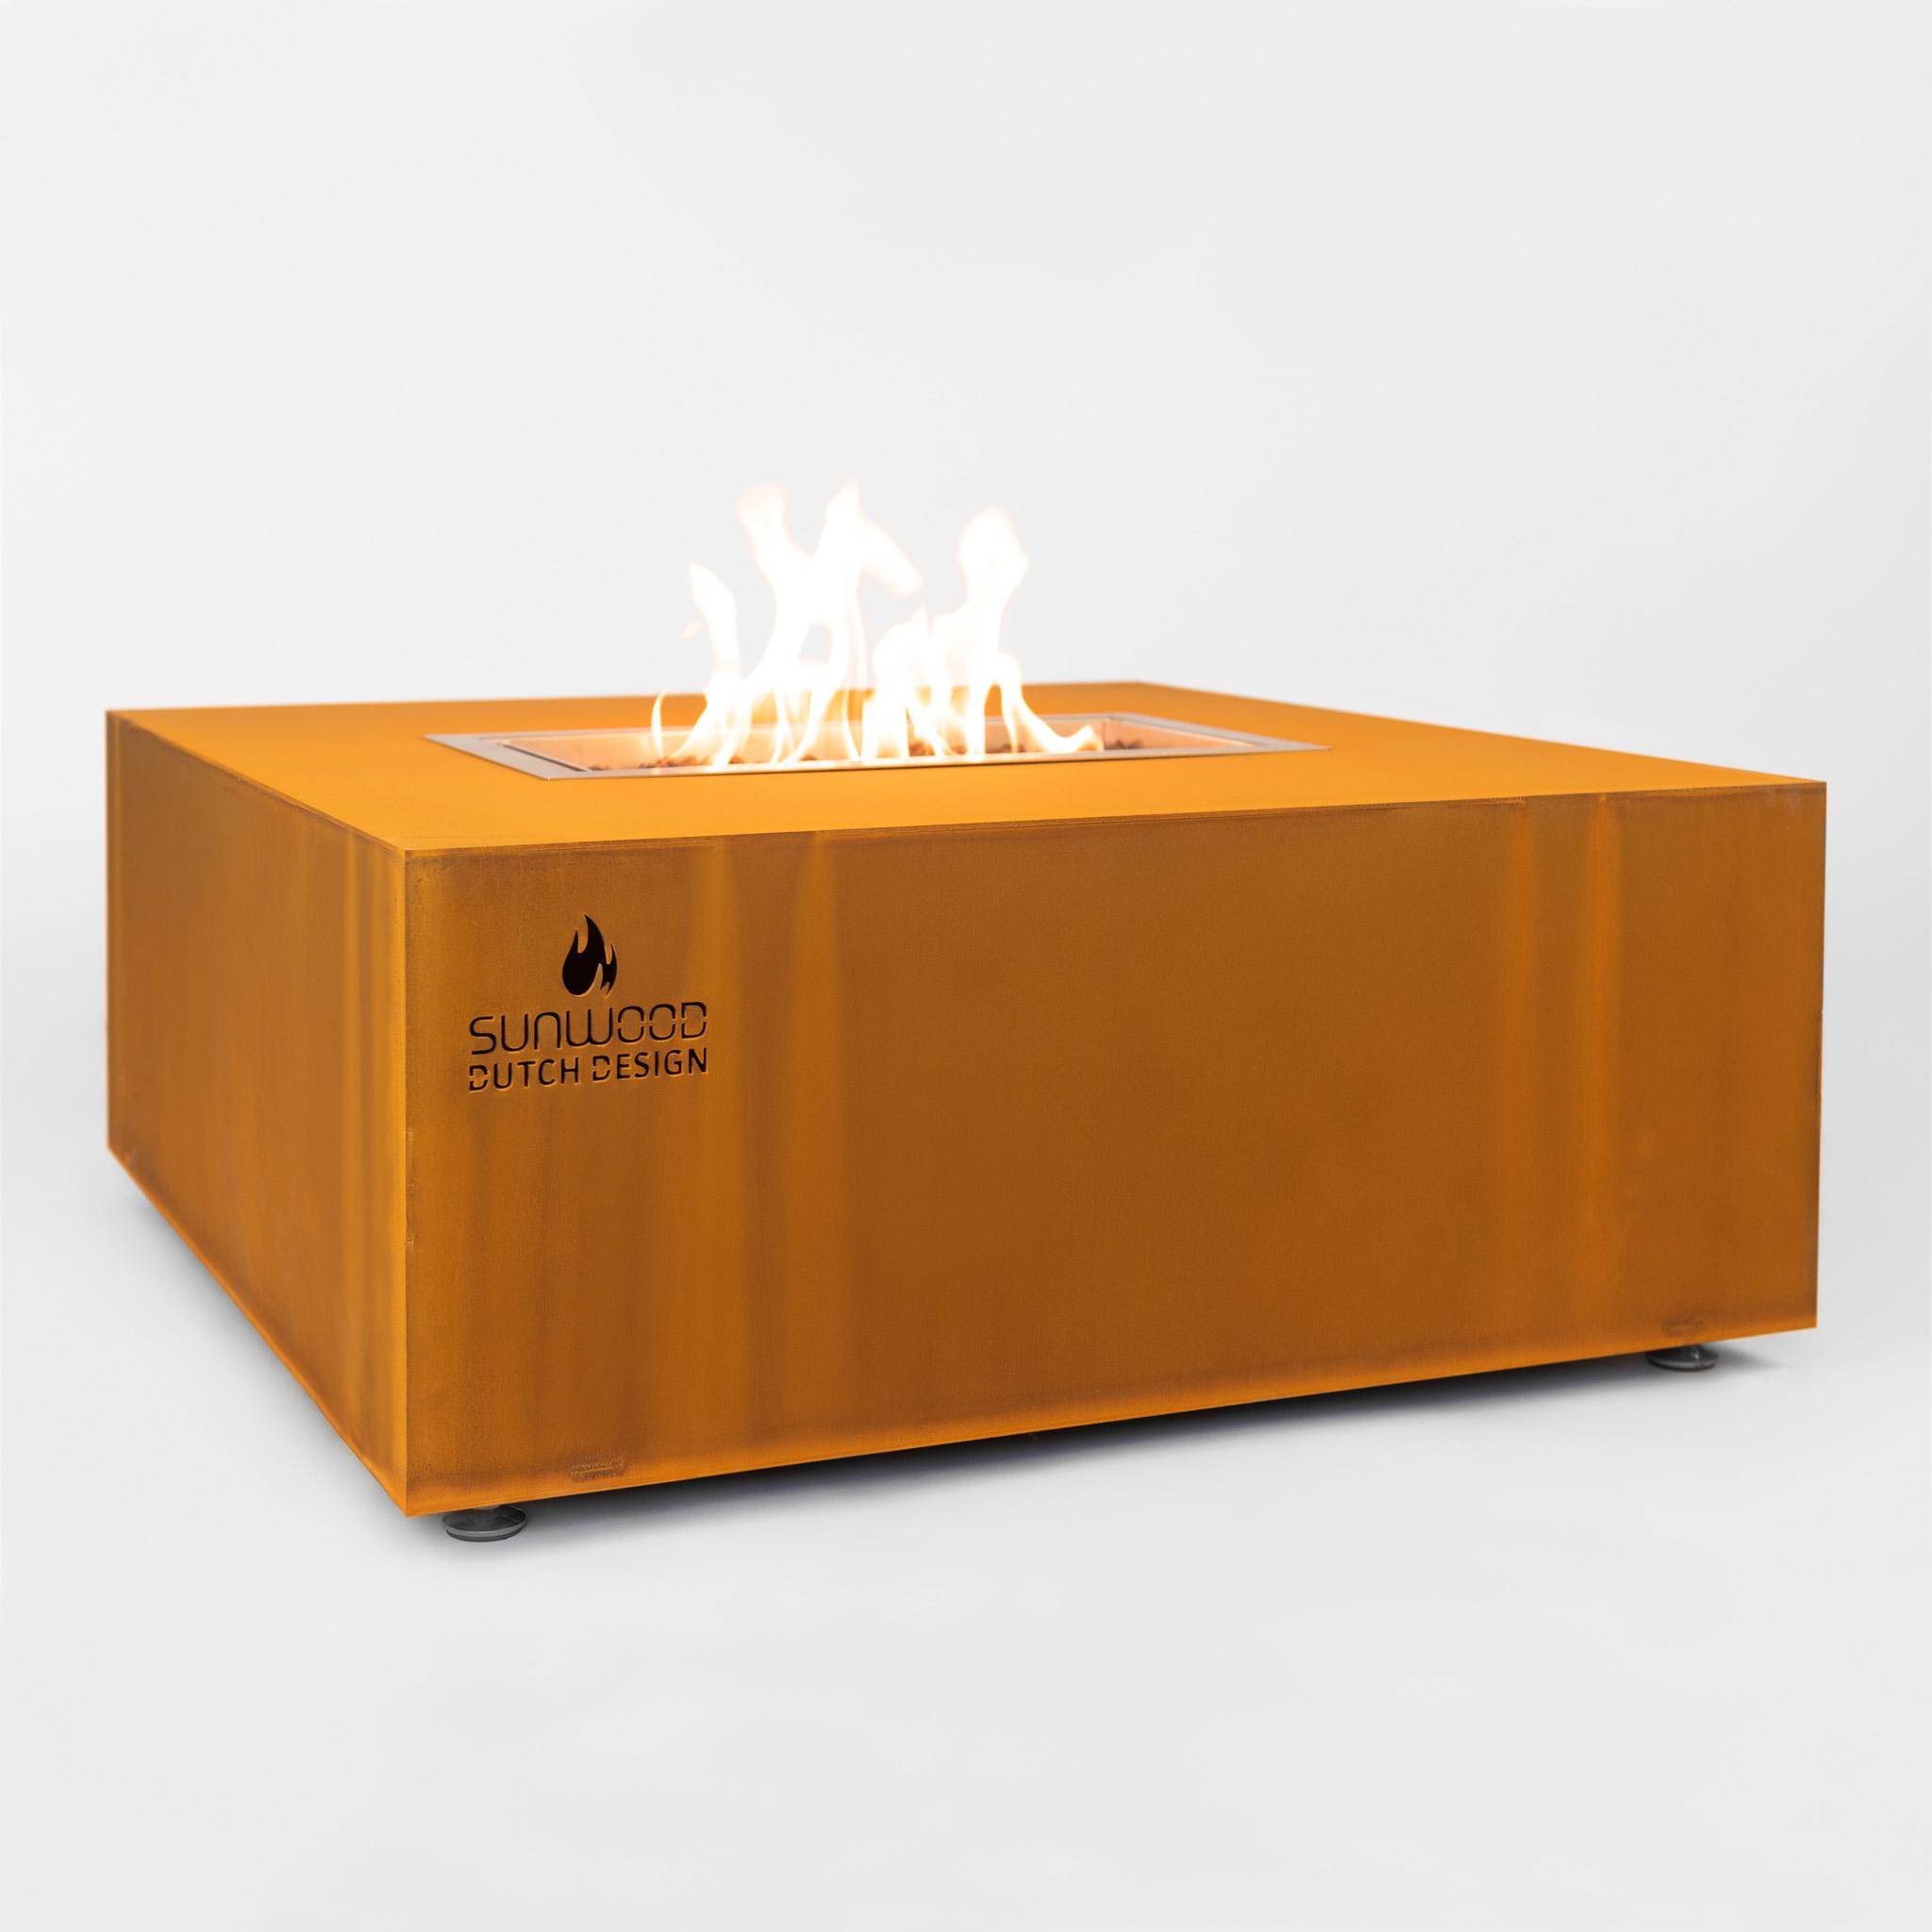 Sunwood Habanero Premium Cortenstaal